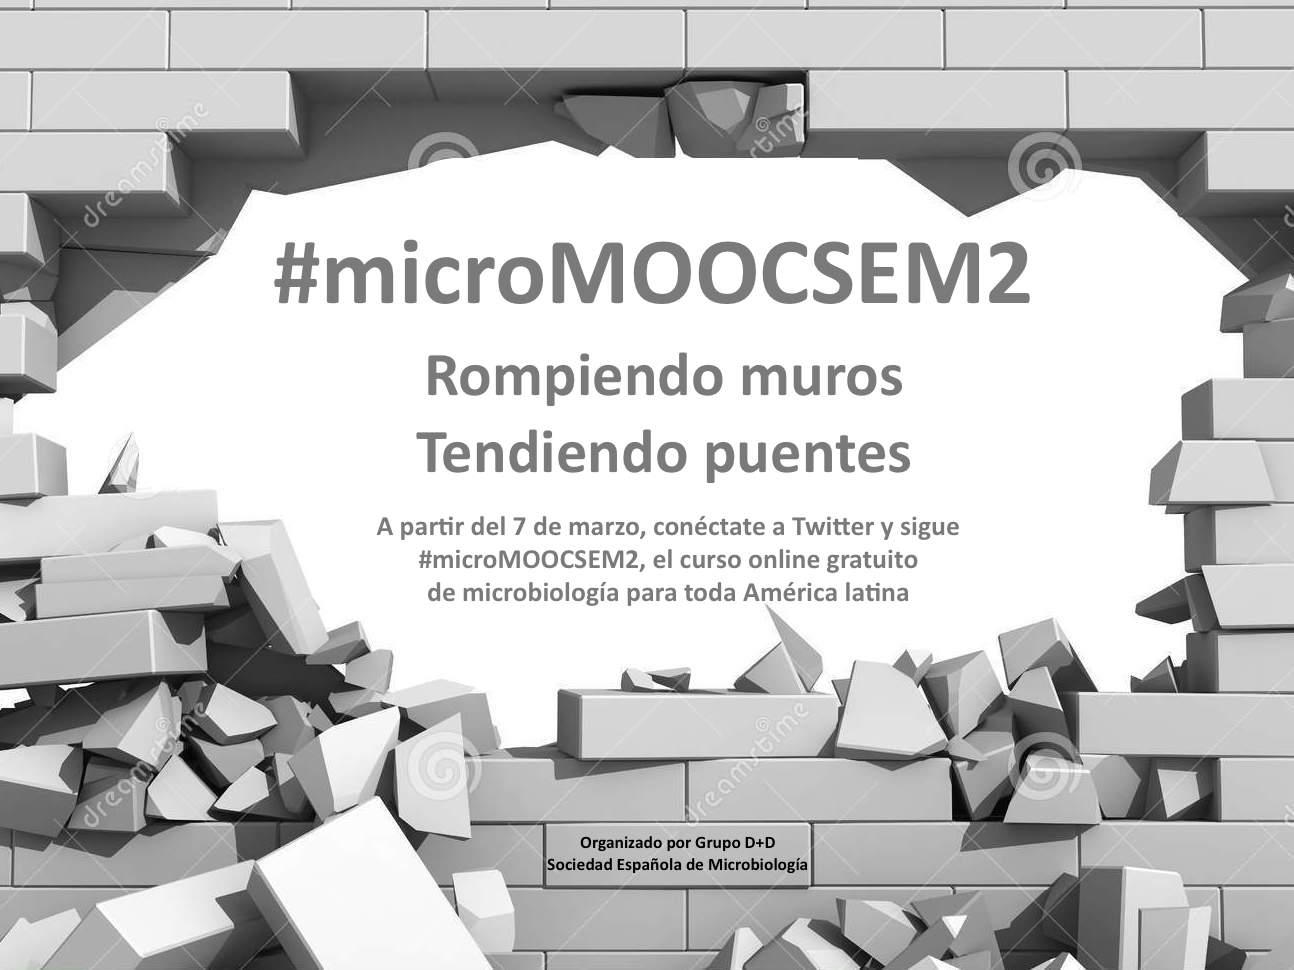 Comienza #microMOOCSEM2 el curso de microbiología vía Twitter y Facebook para España y toda América latina https://t.co/kuyXuldz5W